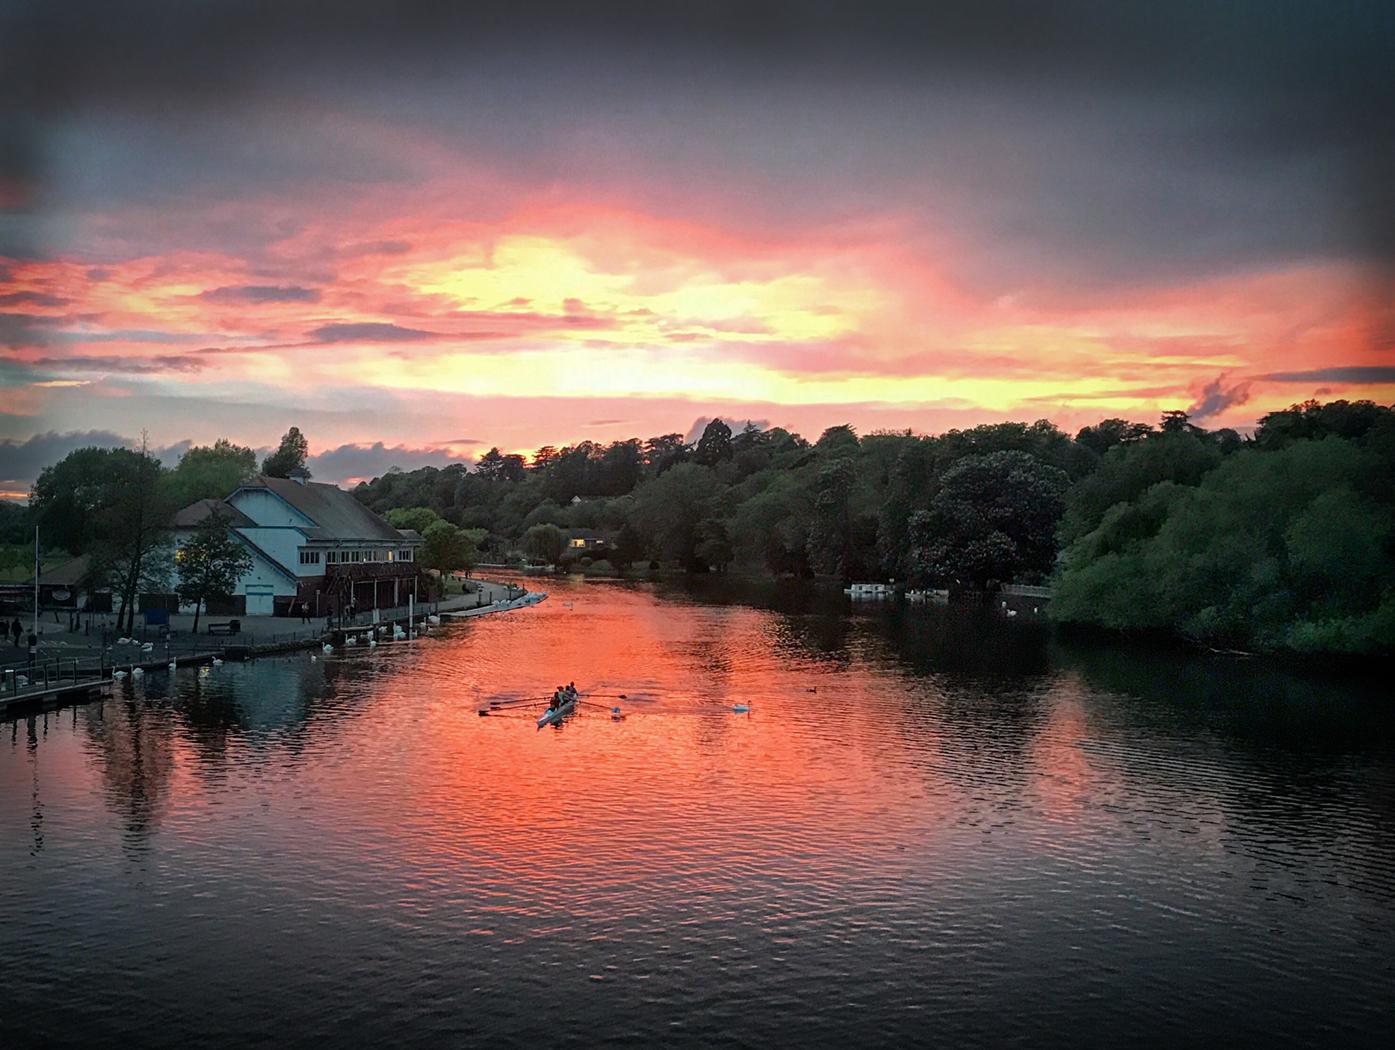 Sunset rowers